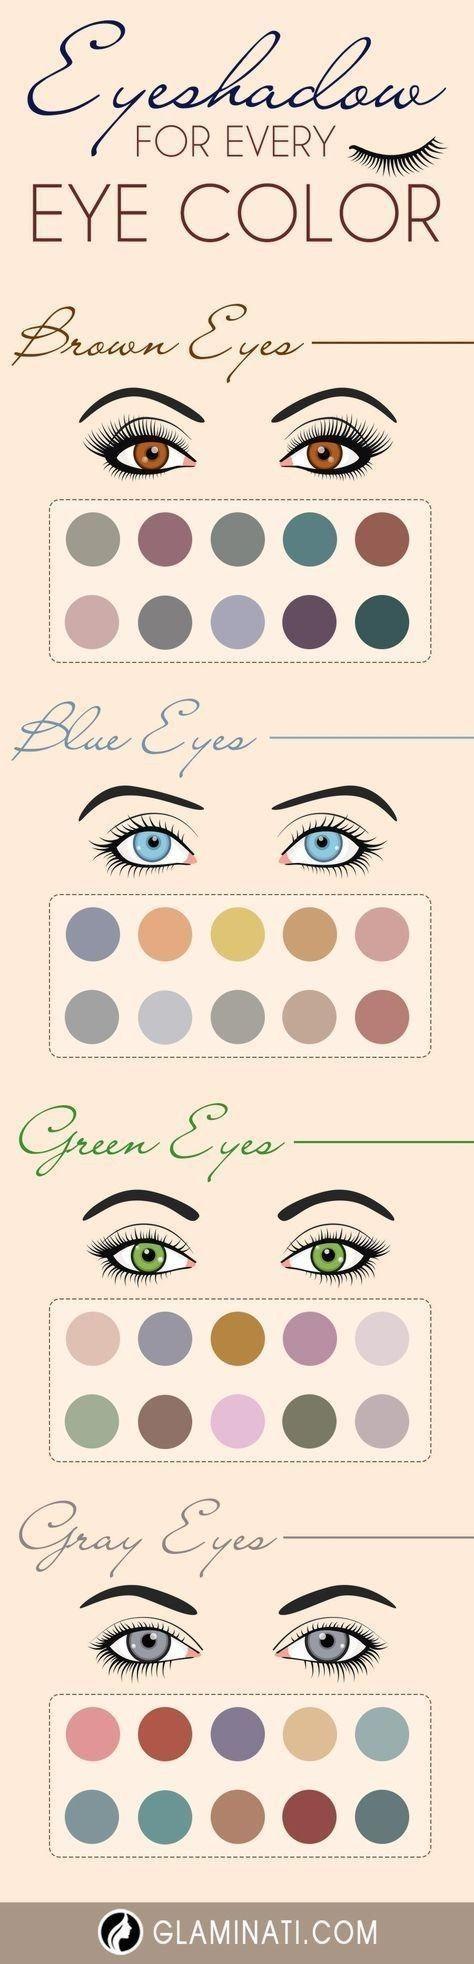 Idéias de maquiagem. Traga sua beleza natural a alturas de tirar o fôlego   – Make-up Ideen